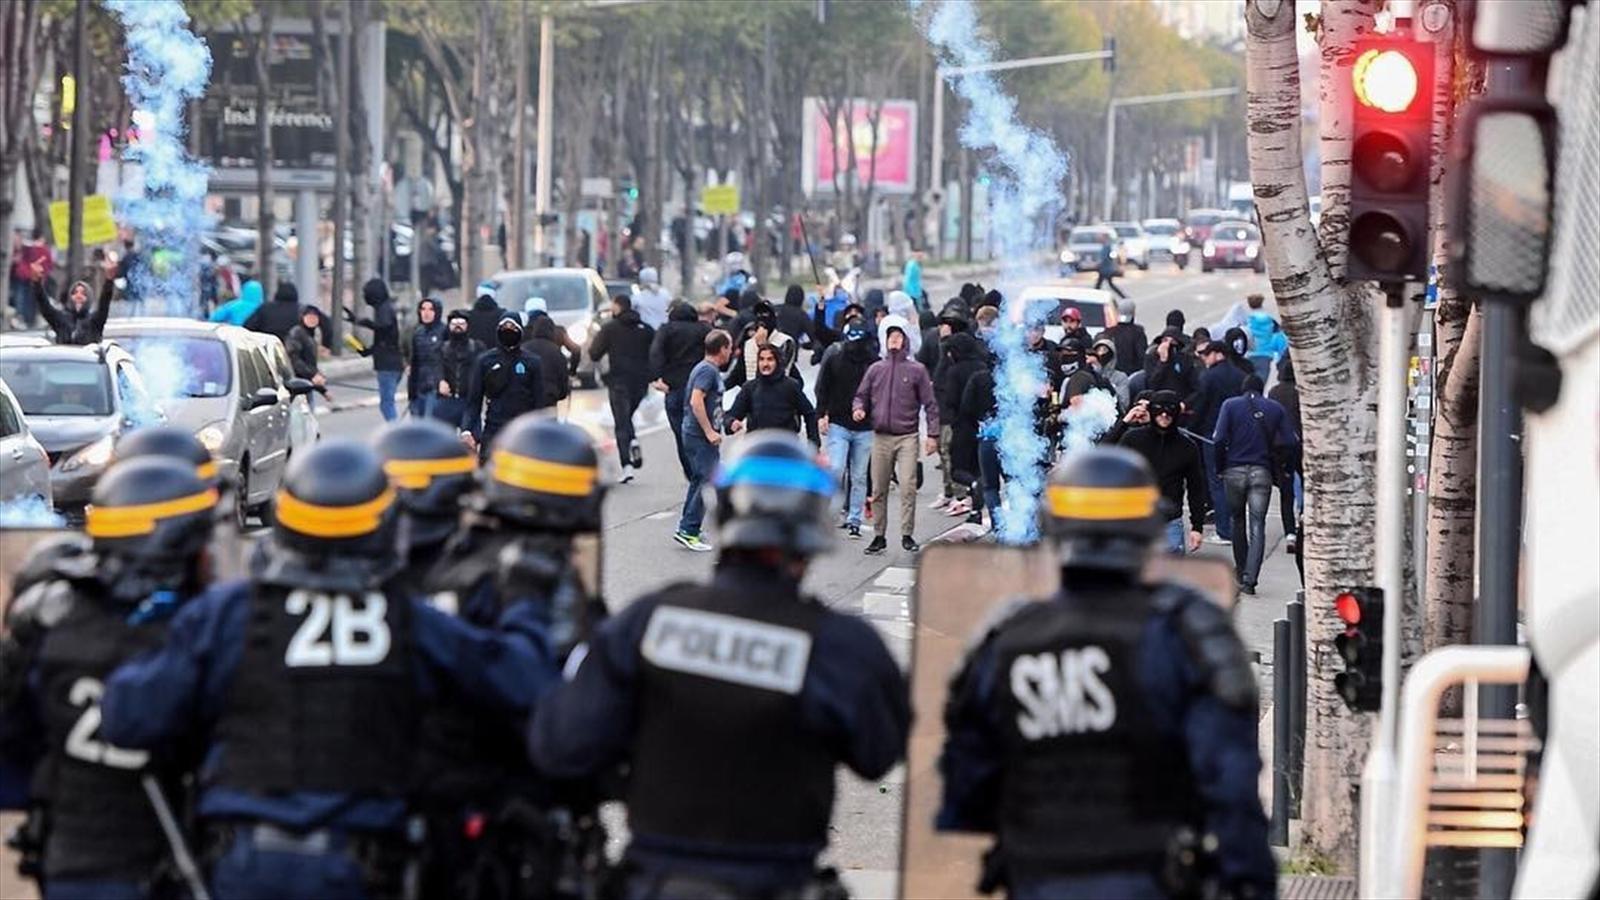 165f31acac07df Alta tensione a Marsiglia: scontri e assalto, con vetro infranto, al  pullman della Lazio - Europa League 2018-2019 - Calcio - Eurosport